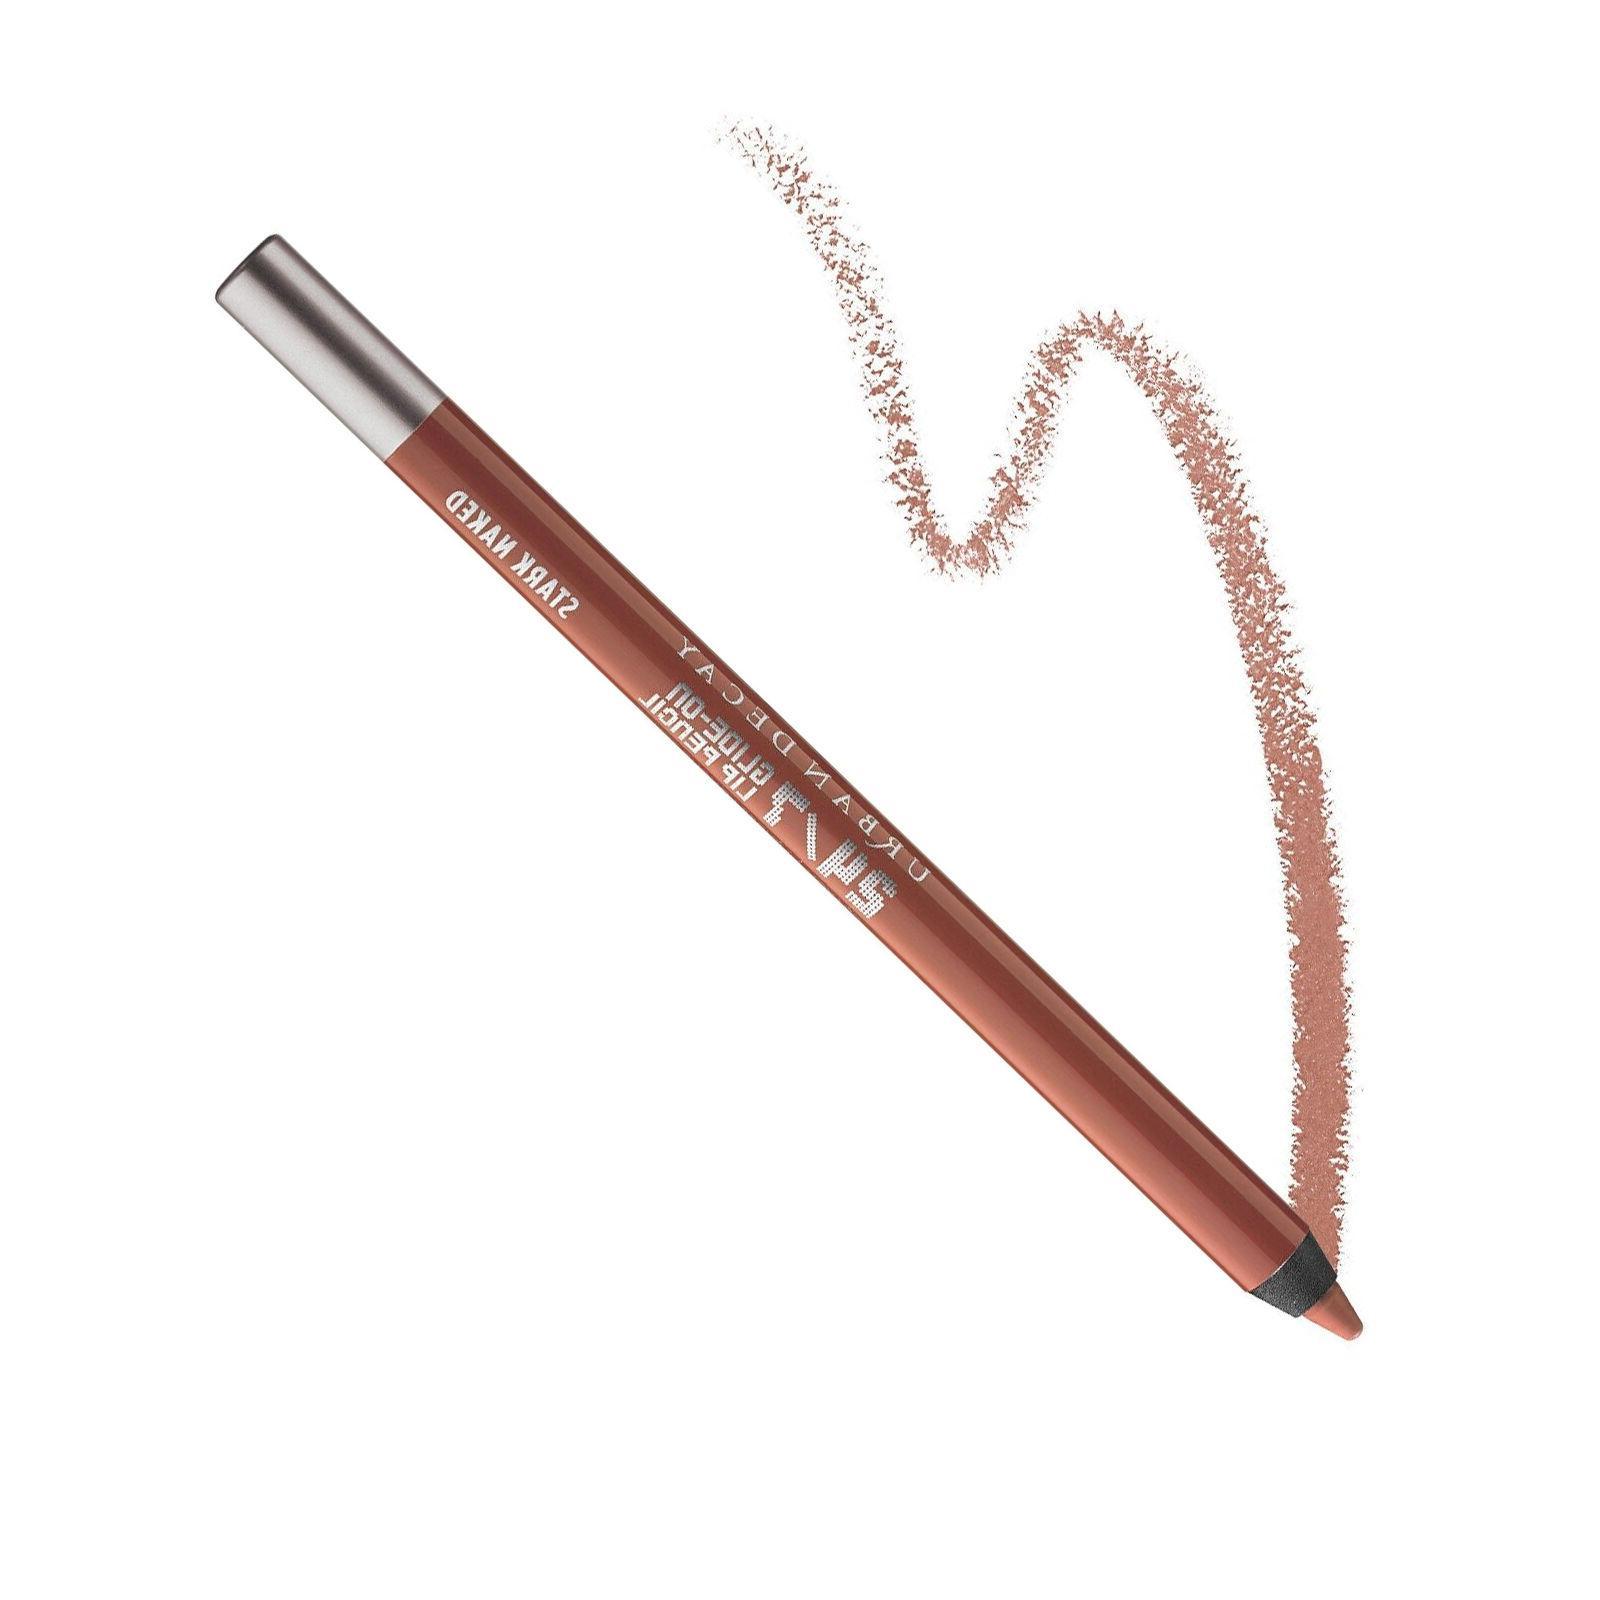 lip pencil 24 7 glide on lip